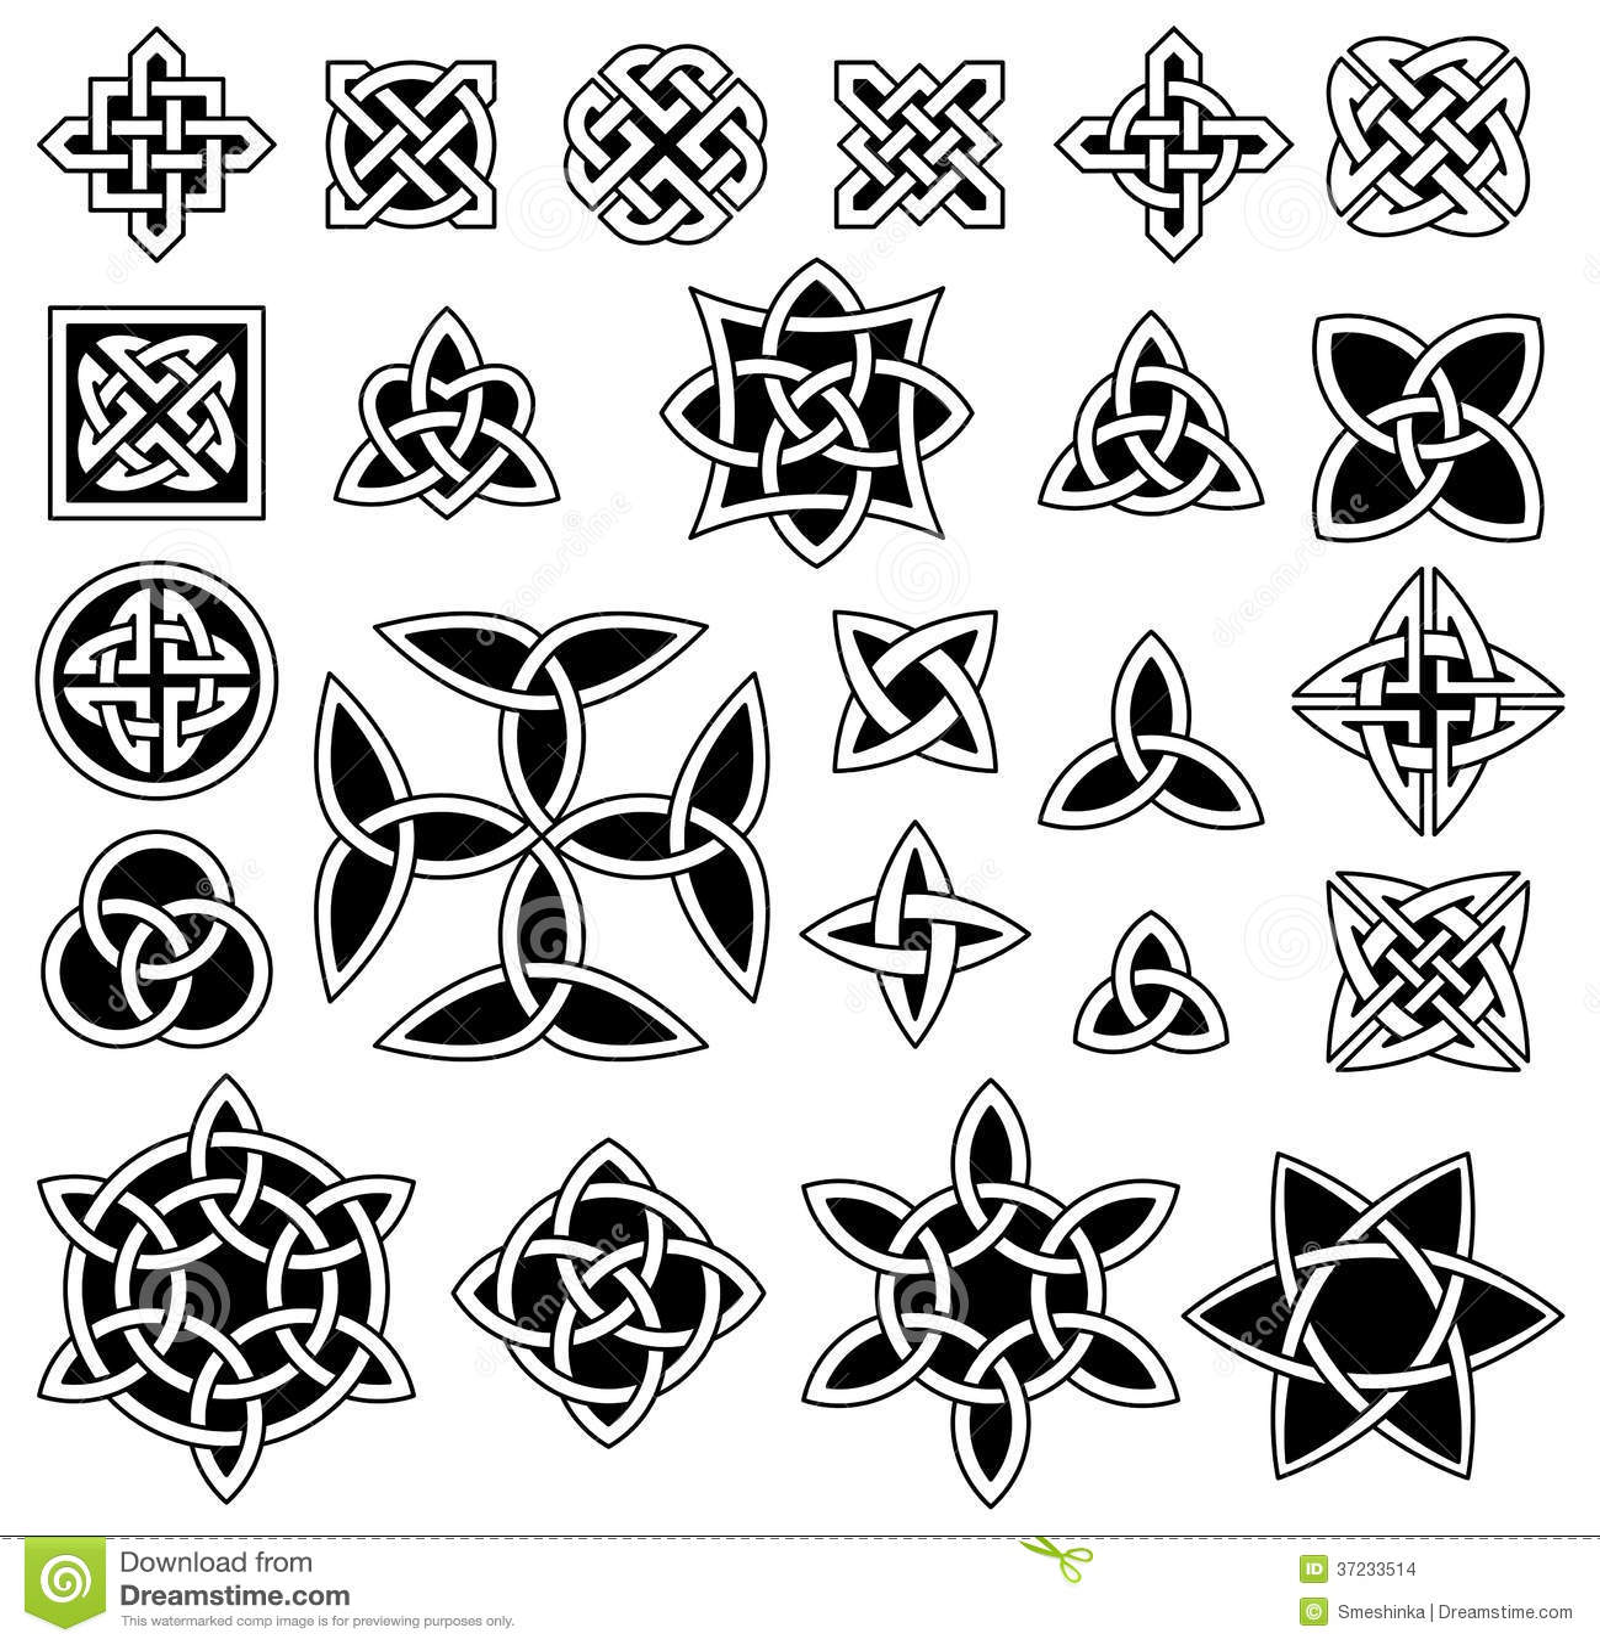 24 keltische knoten vektor abbildung bild von symmetrisch. Black Bedroom Furniture Sets. Home Design Ideas